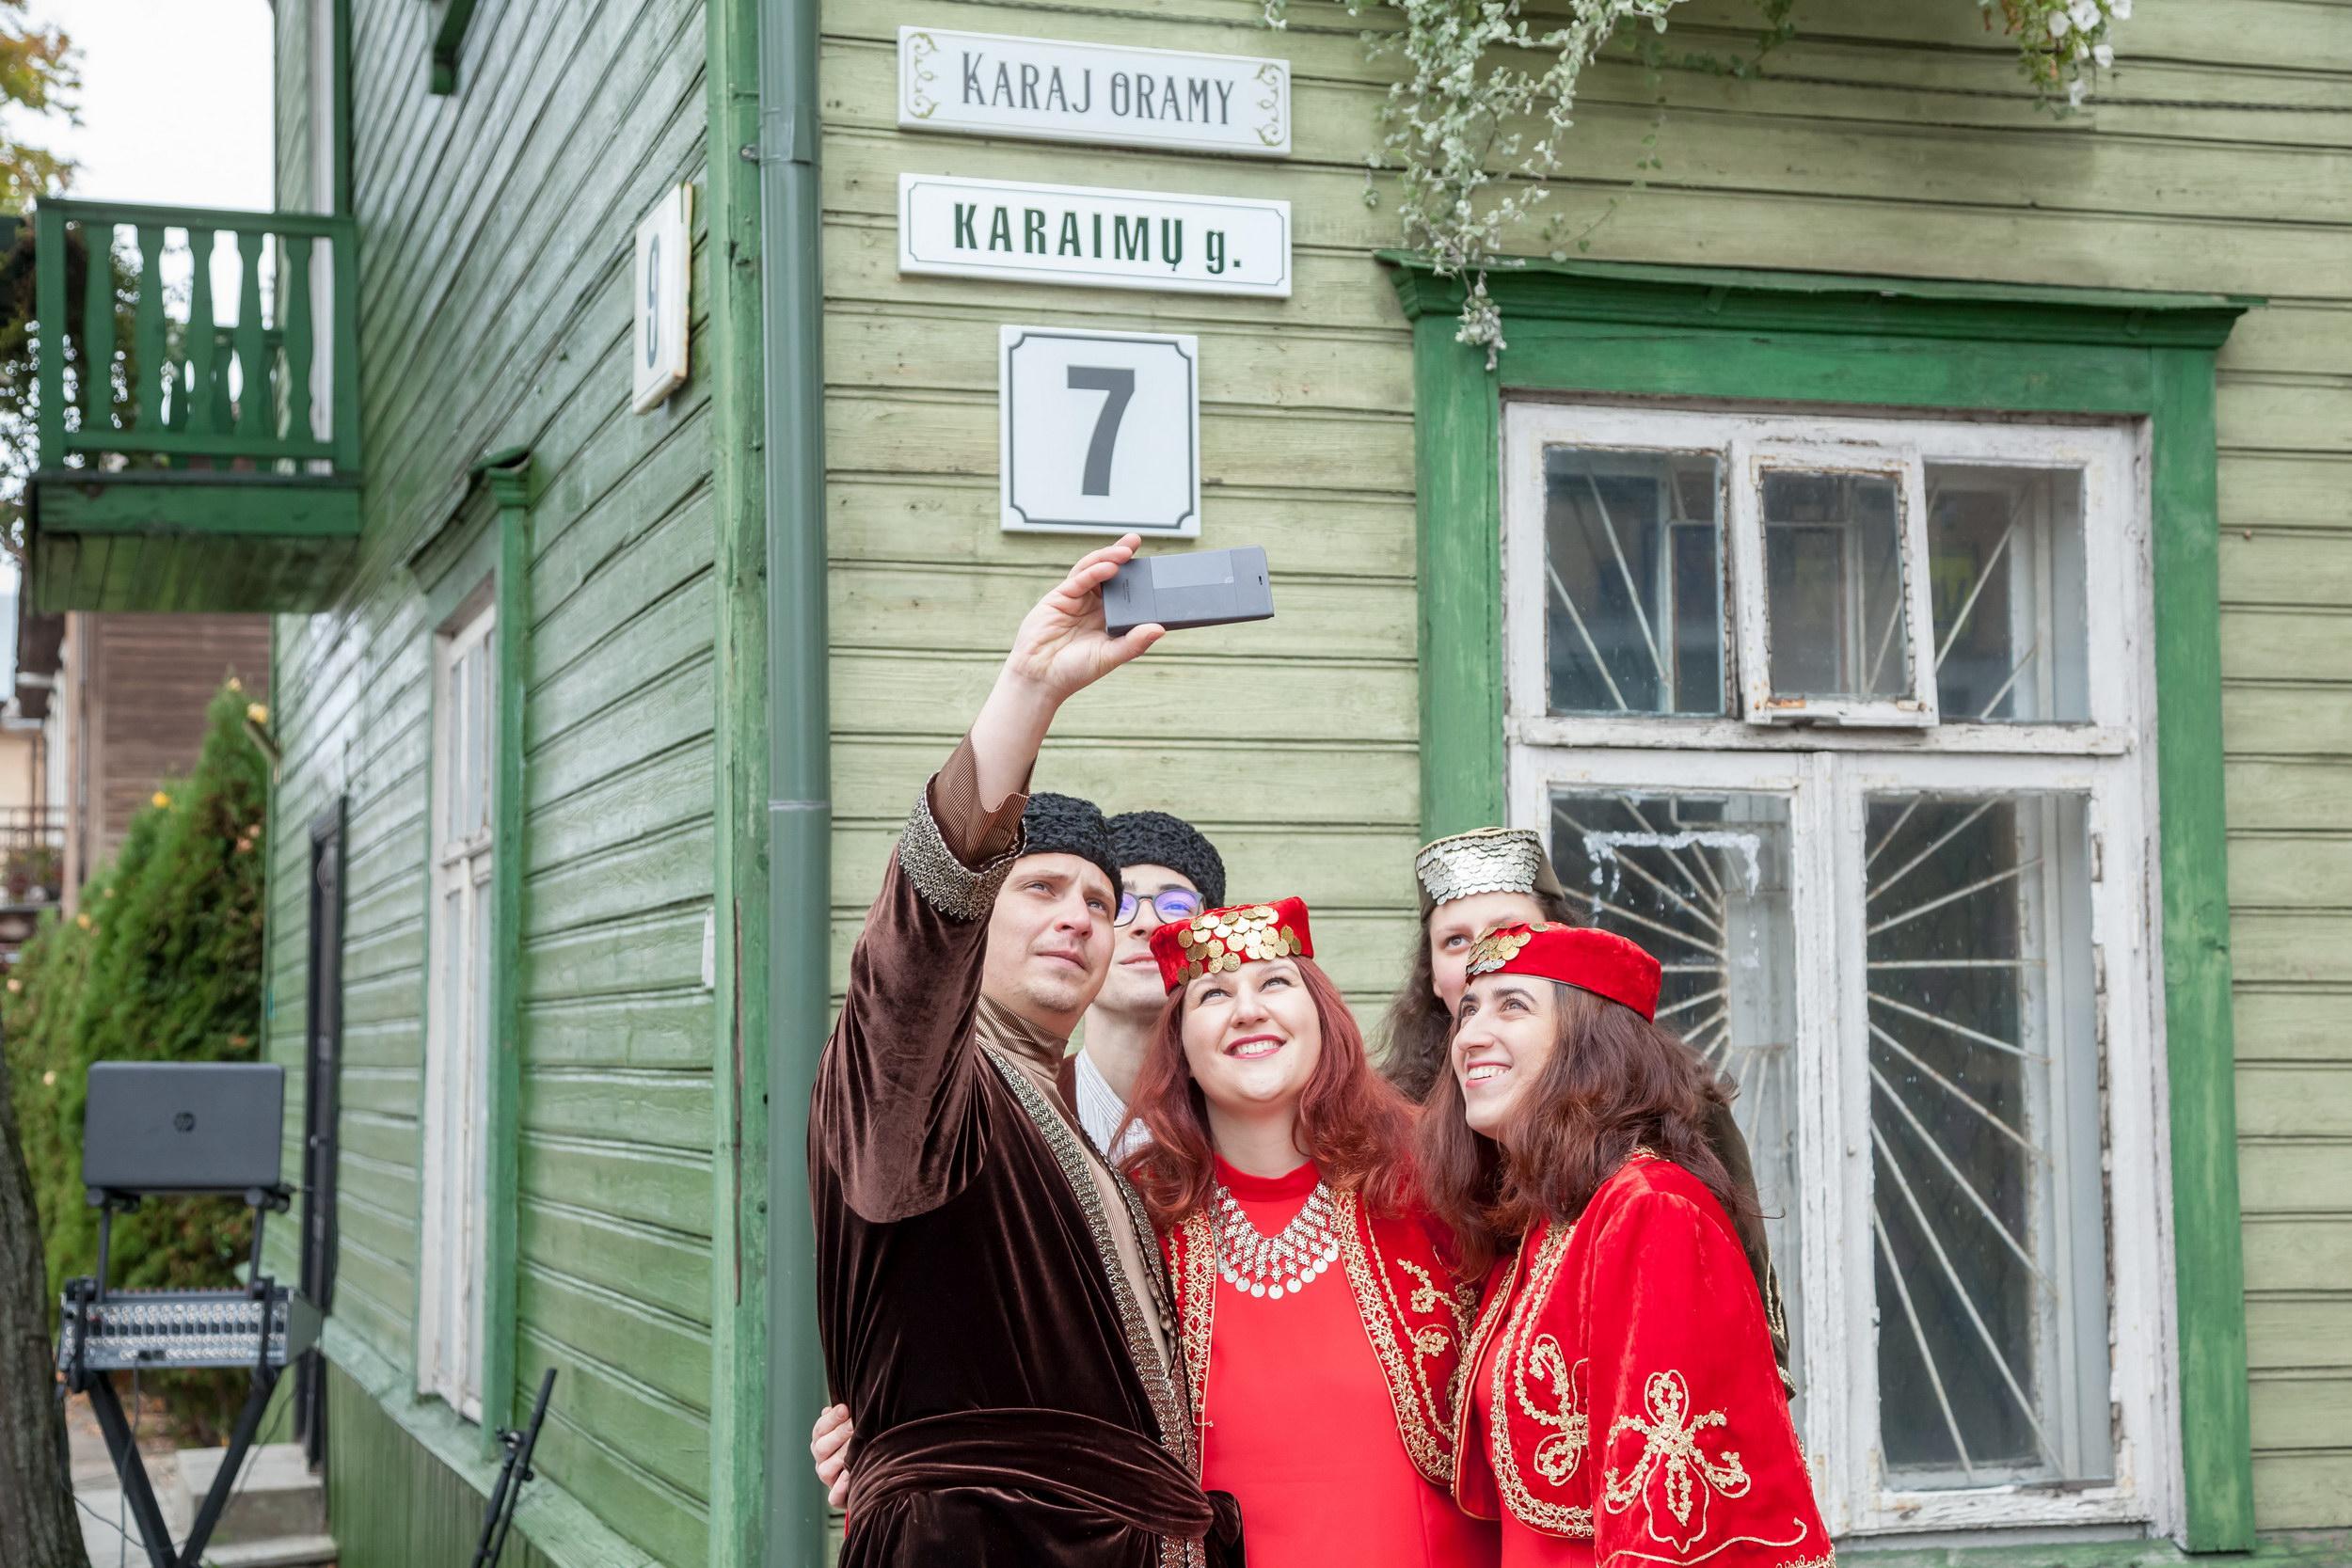 Młodzież karaimska w tradycyjnych strojach nie omieszkała zrobić sobie selfie na Karaj oramy.